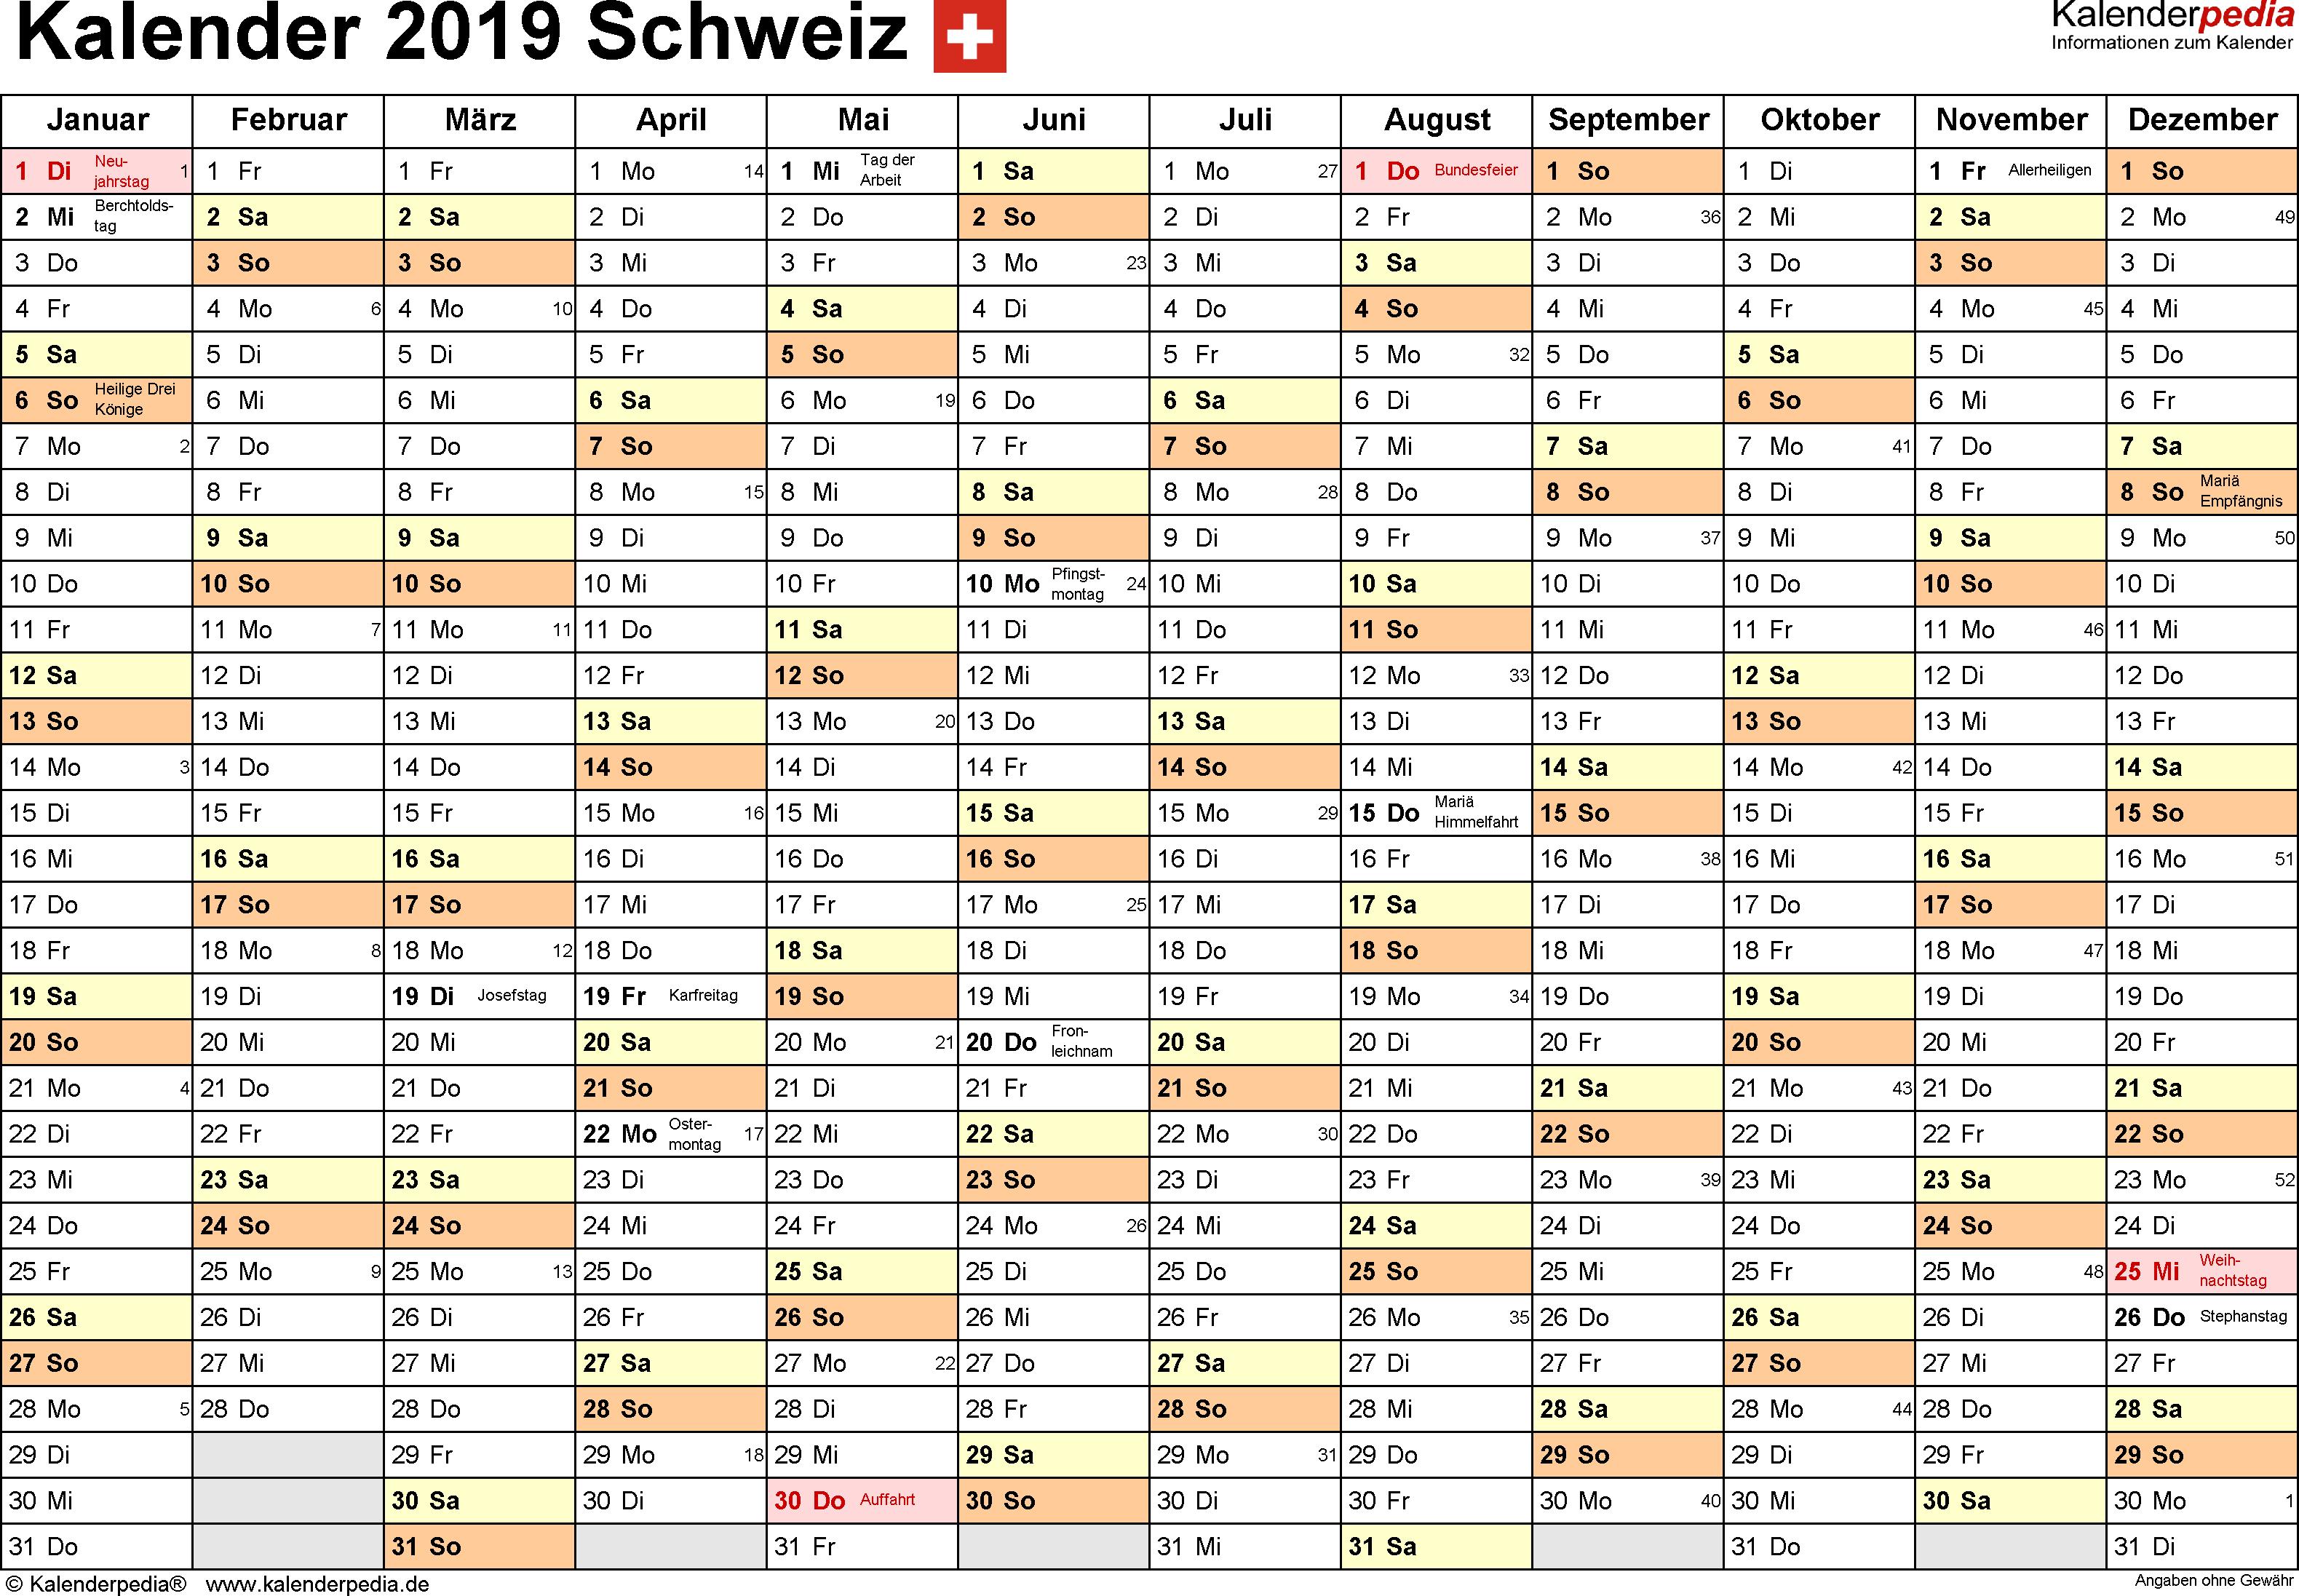 Vorlage 2: Kalender 2019 für die Schweiz  im Microsoft Excel-Format, Querformat, 1 Seite, Monate nebeneinander